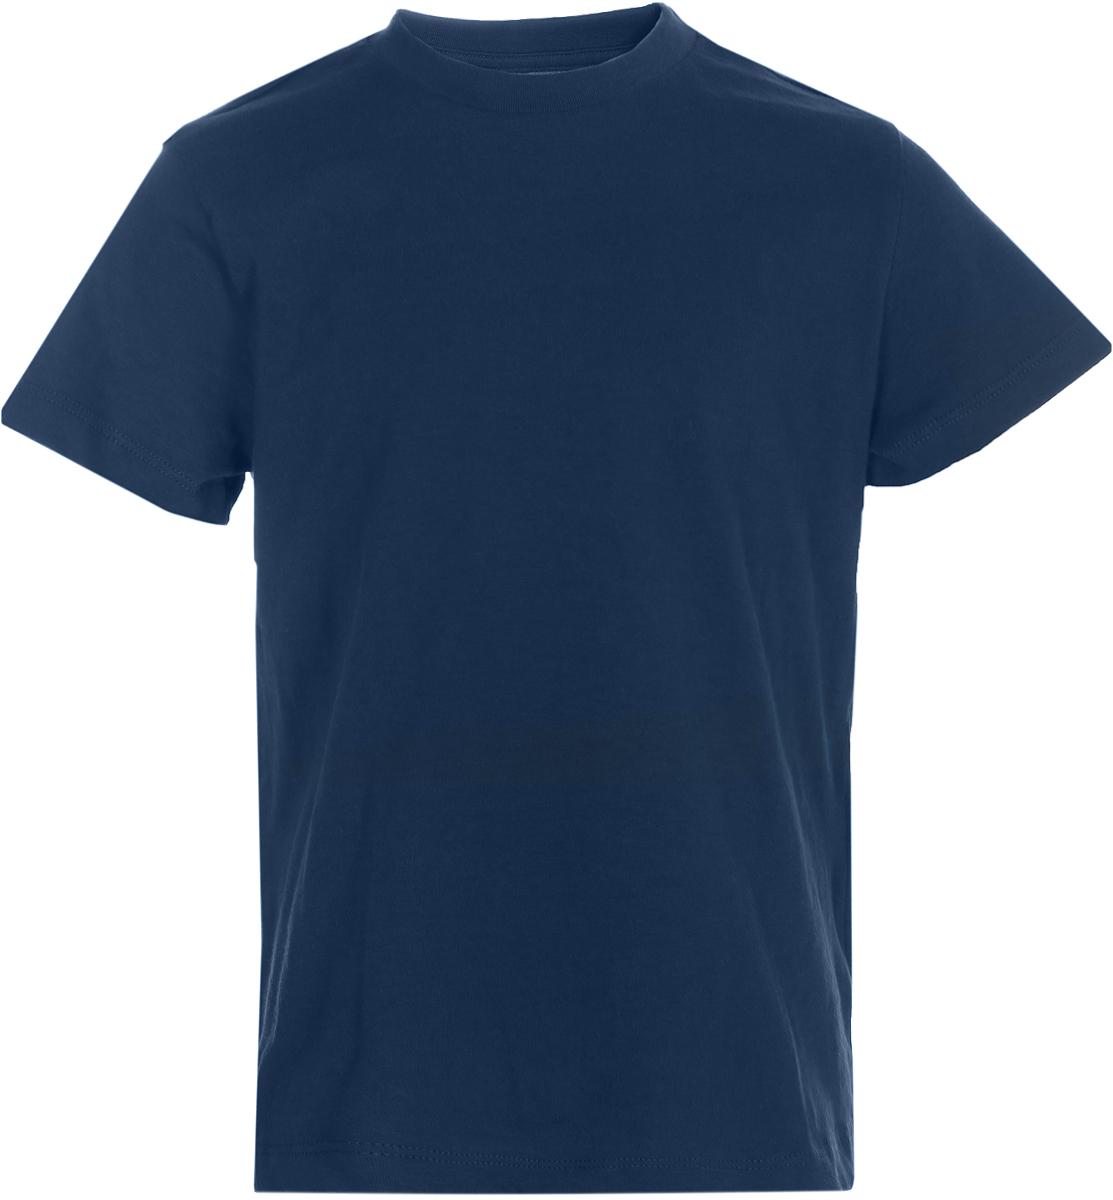 Футболка для мальчика Sela, цвет: темно-синий. Ts-711/533-8223. Размер 116Ts-711/533-8223Футболка для мальчика Sela выполнена из натурального хлопка. Модель с круглым вырезом горловины и короткими рукавами.